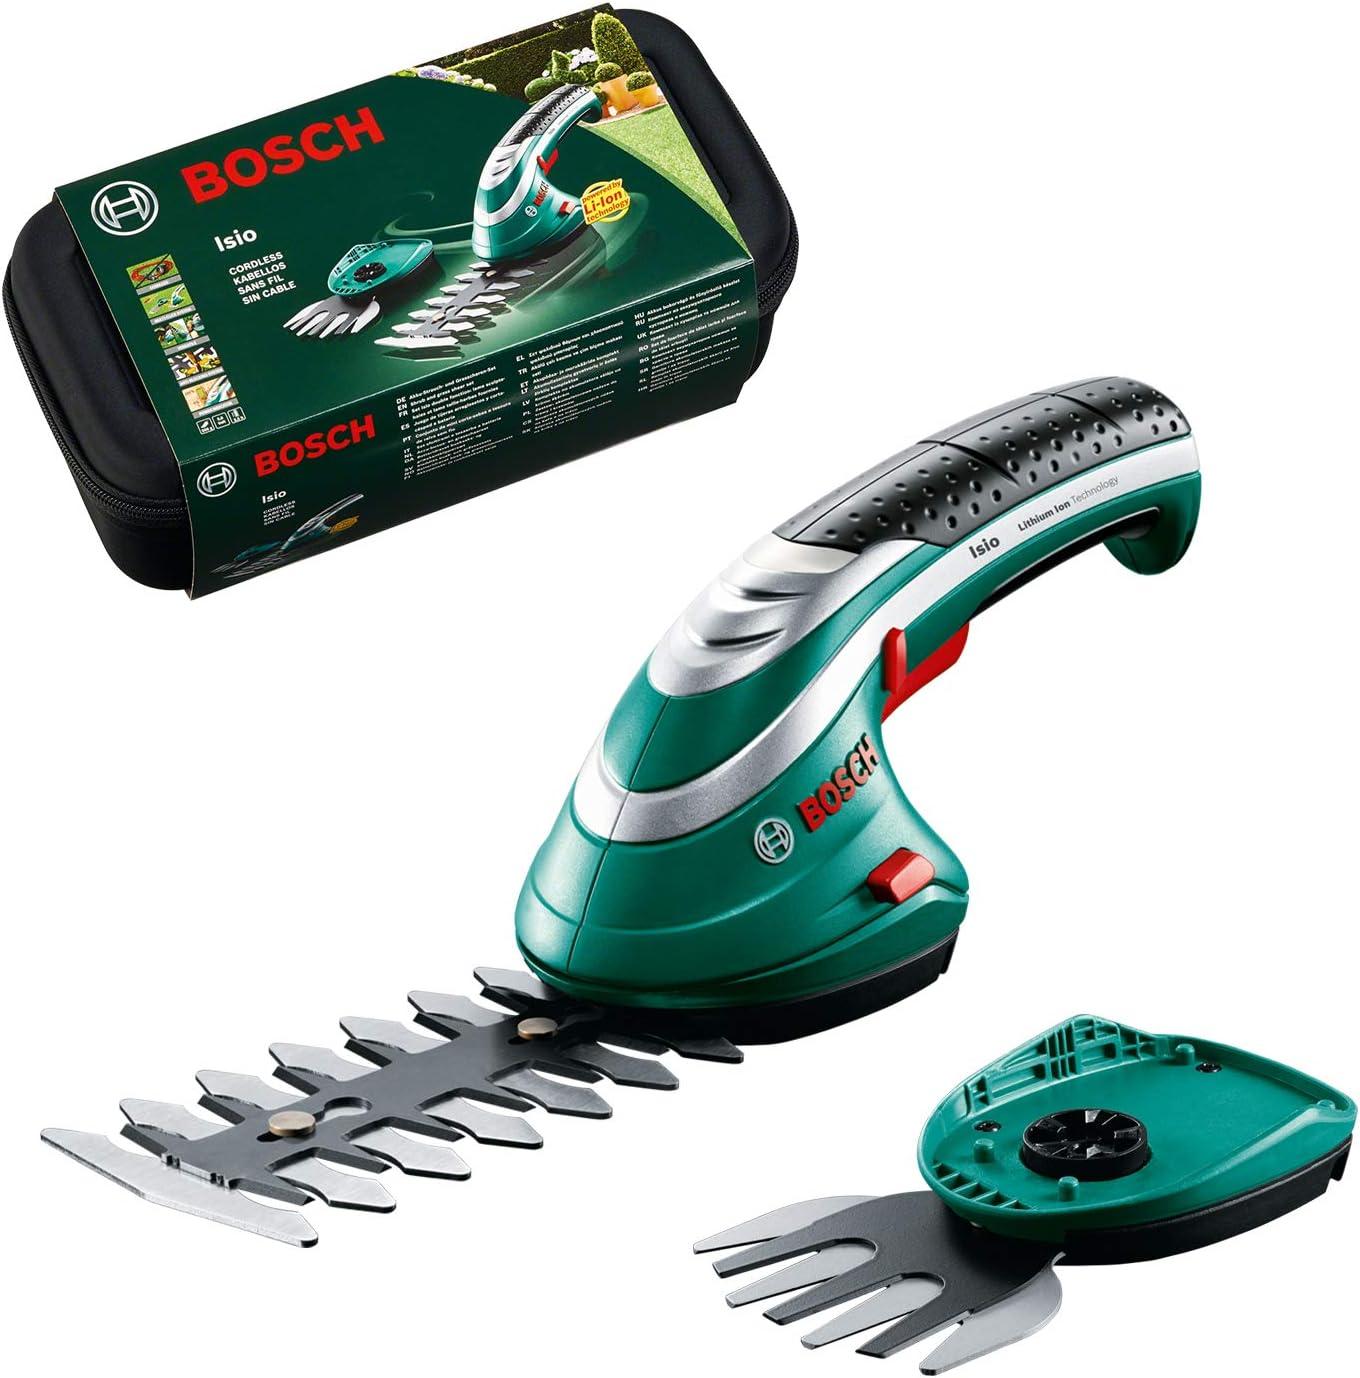 Bosch -Set de tijeras cortacésped a batería Isio (3.6V, longitud de cuchilla 12cm, distancia entre cuchillas 8mm, en caja)